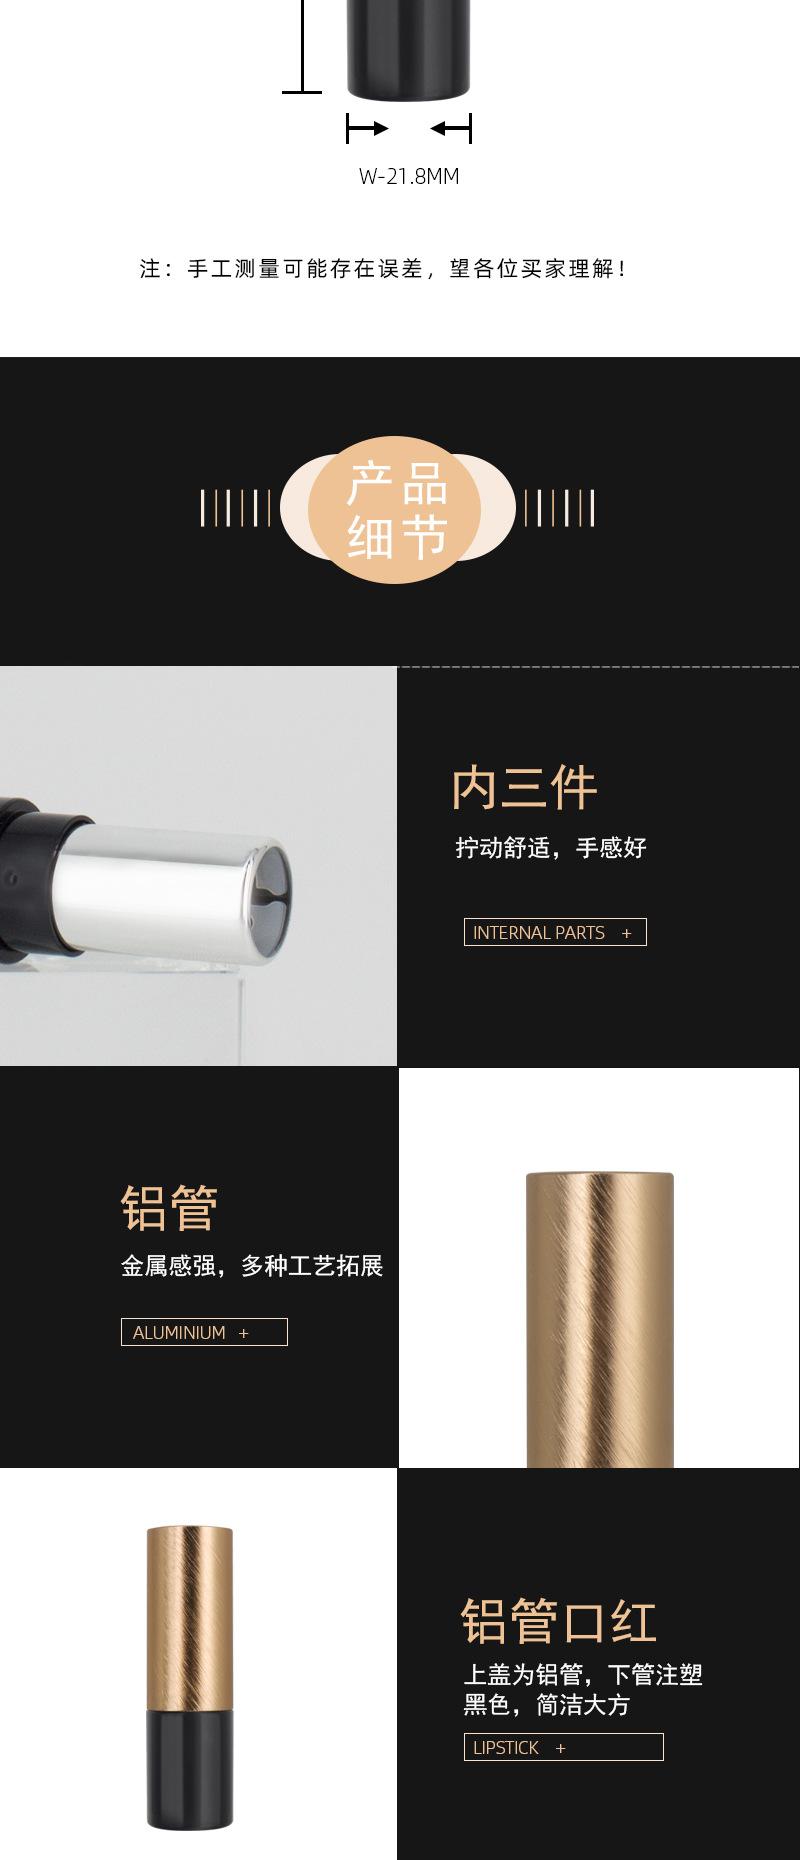 拉丝铝盖口红管 产品细节